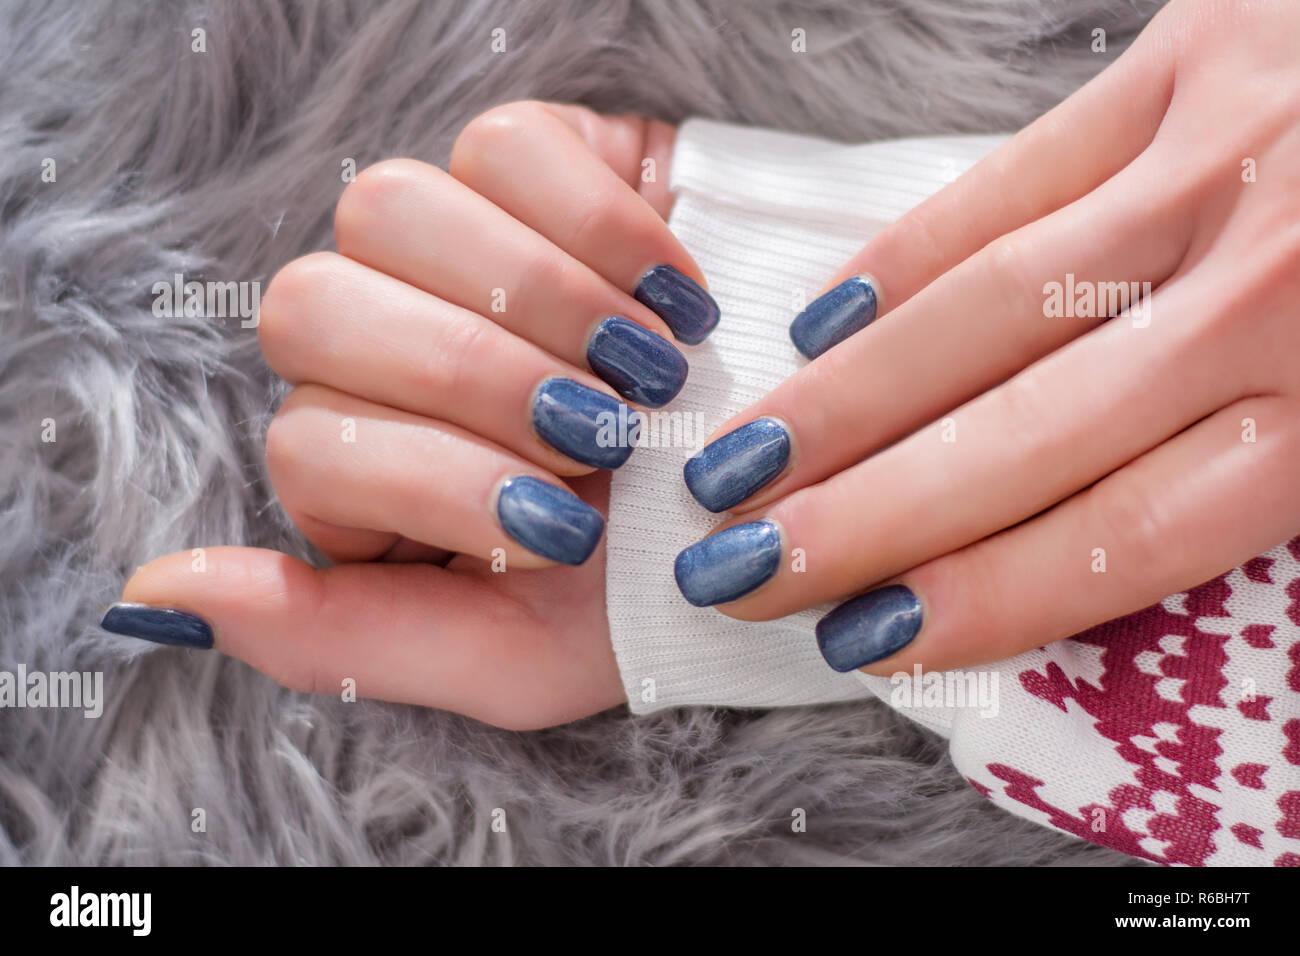 Chica Manos Con Esmalte De Uñas De Color Azul Marino En